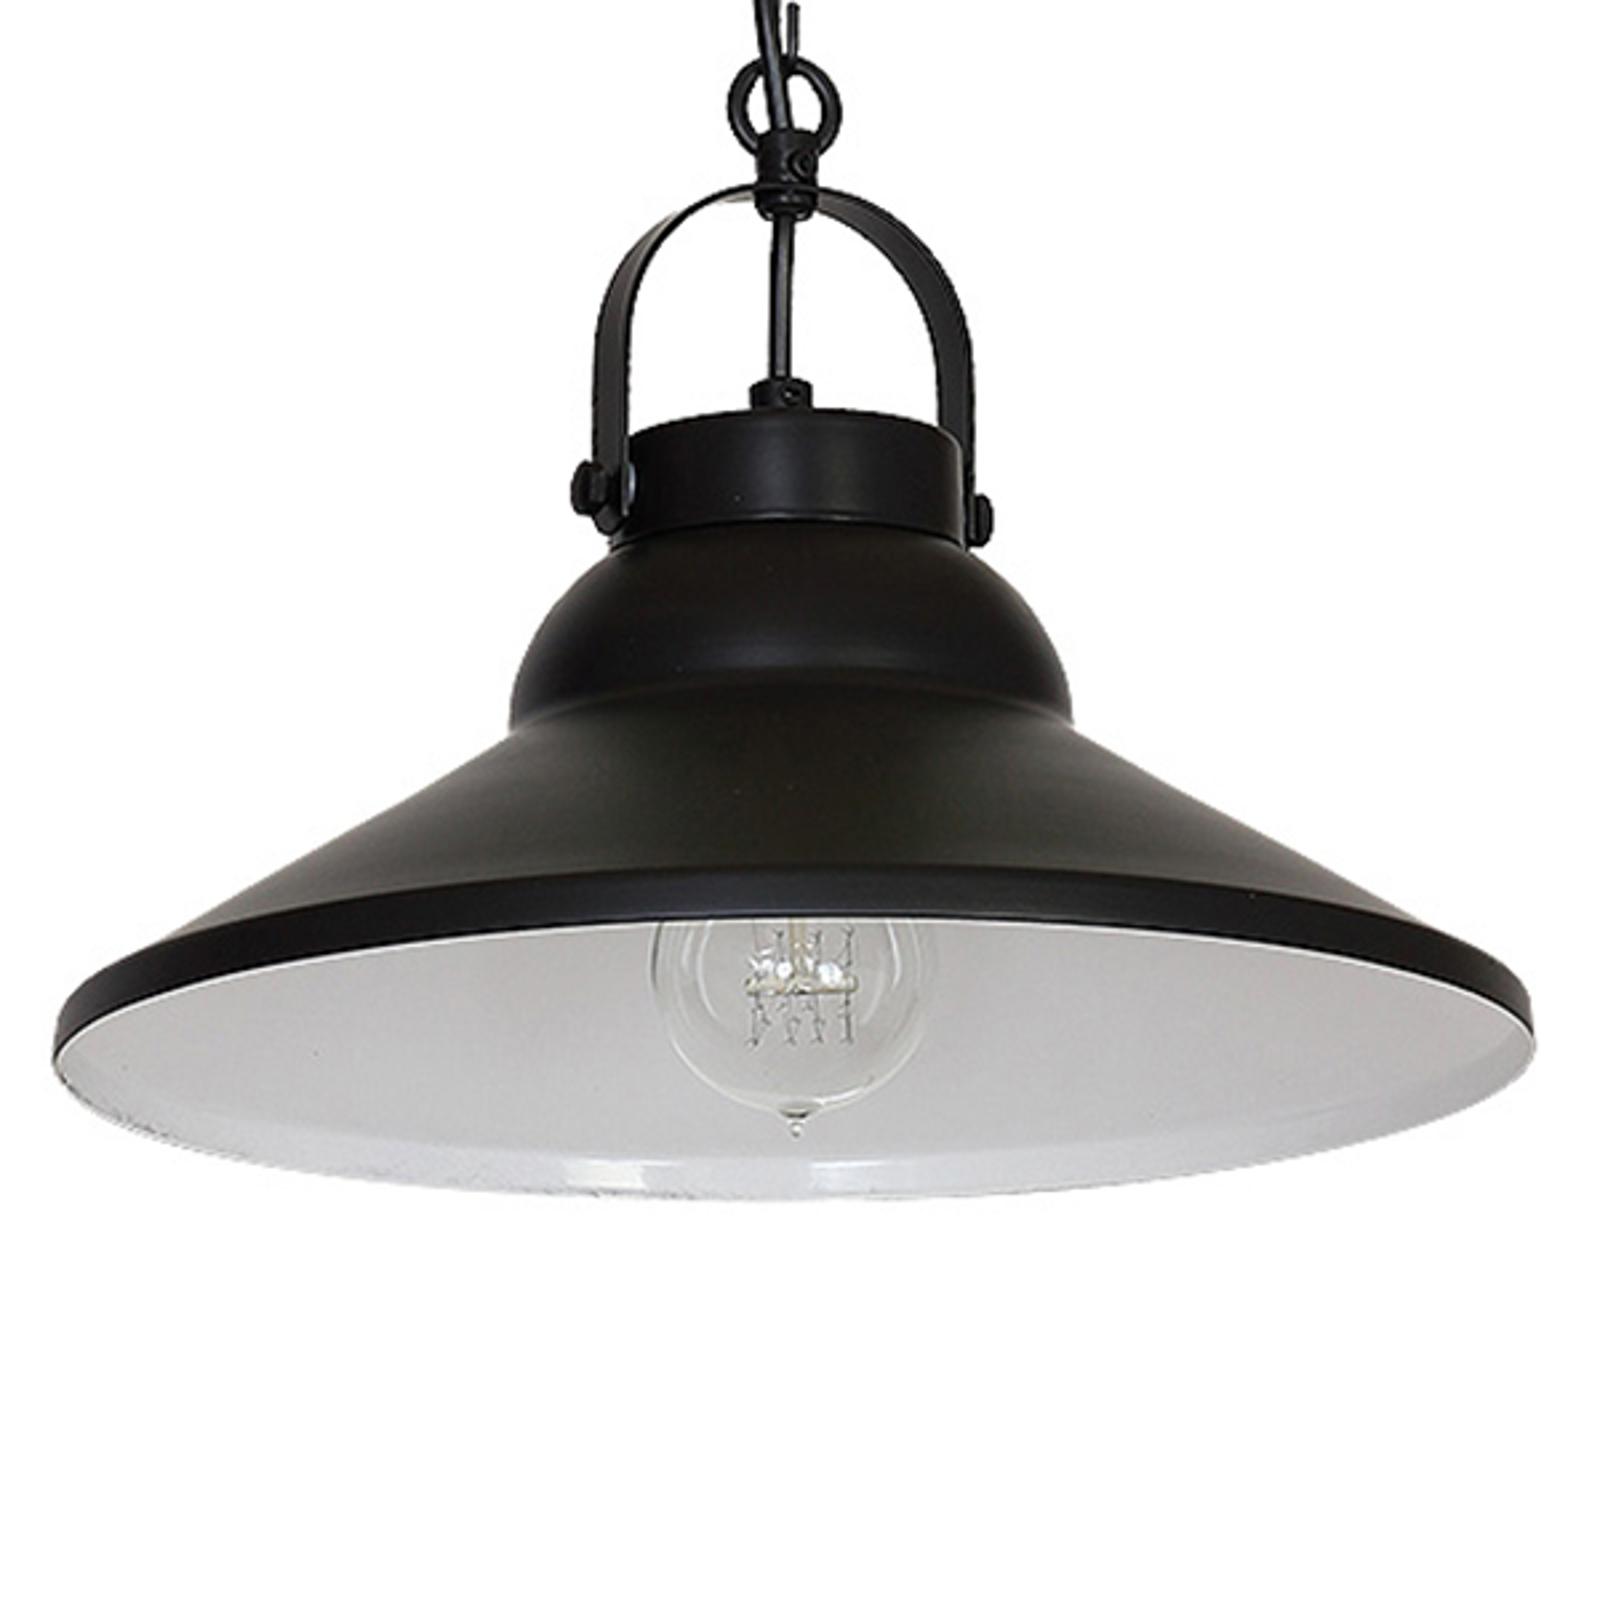 Lampa wisząca Iron, czarna/biała